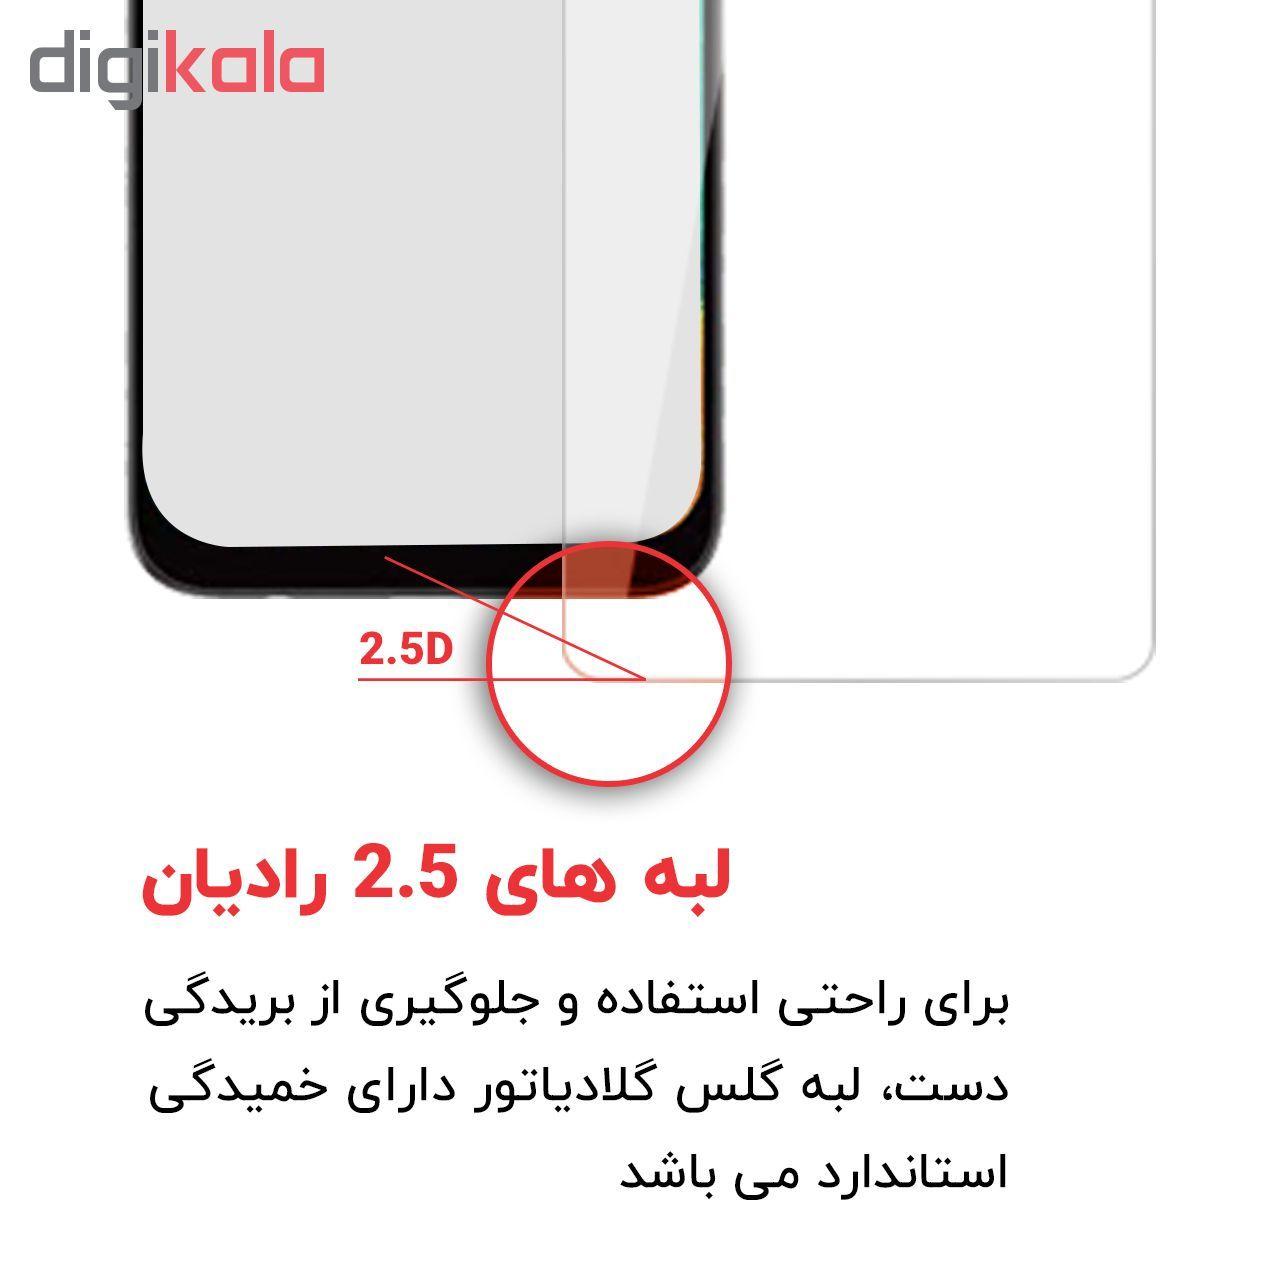 محافظ صفحه نمایش گلادیاتور مدل GLH1000 مناسب برای گوشی موبایل هوآوی Y7 Pro 2019 main 1 6